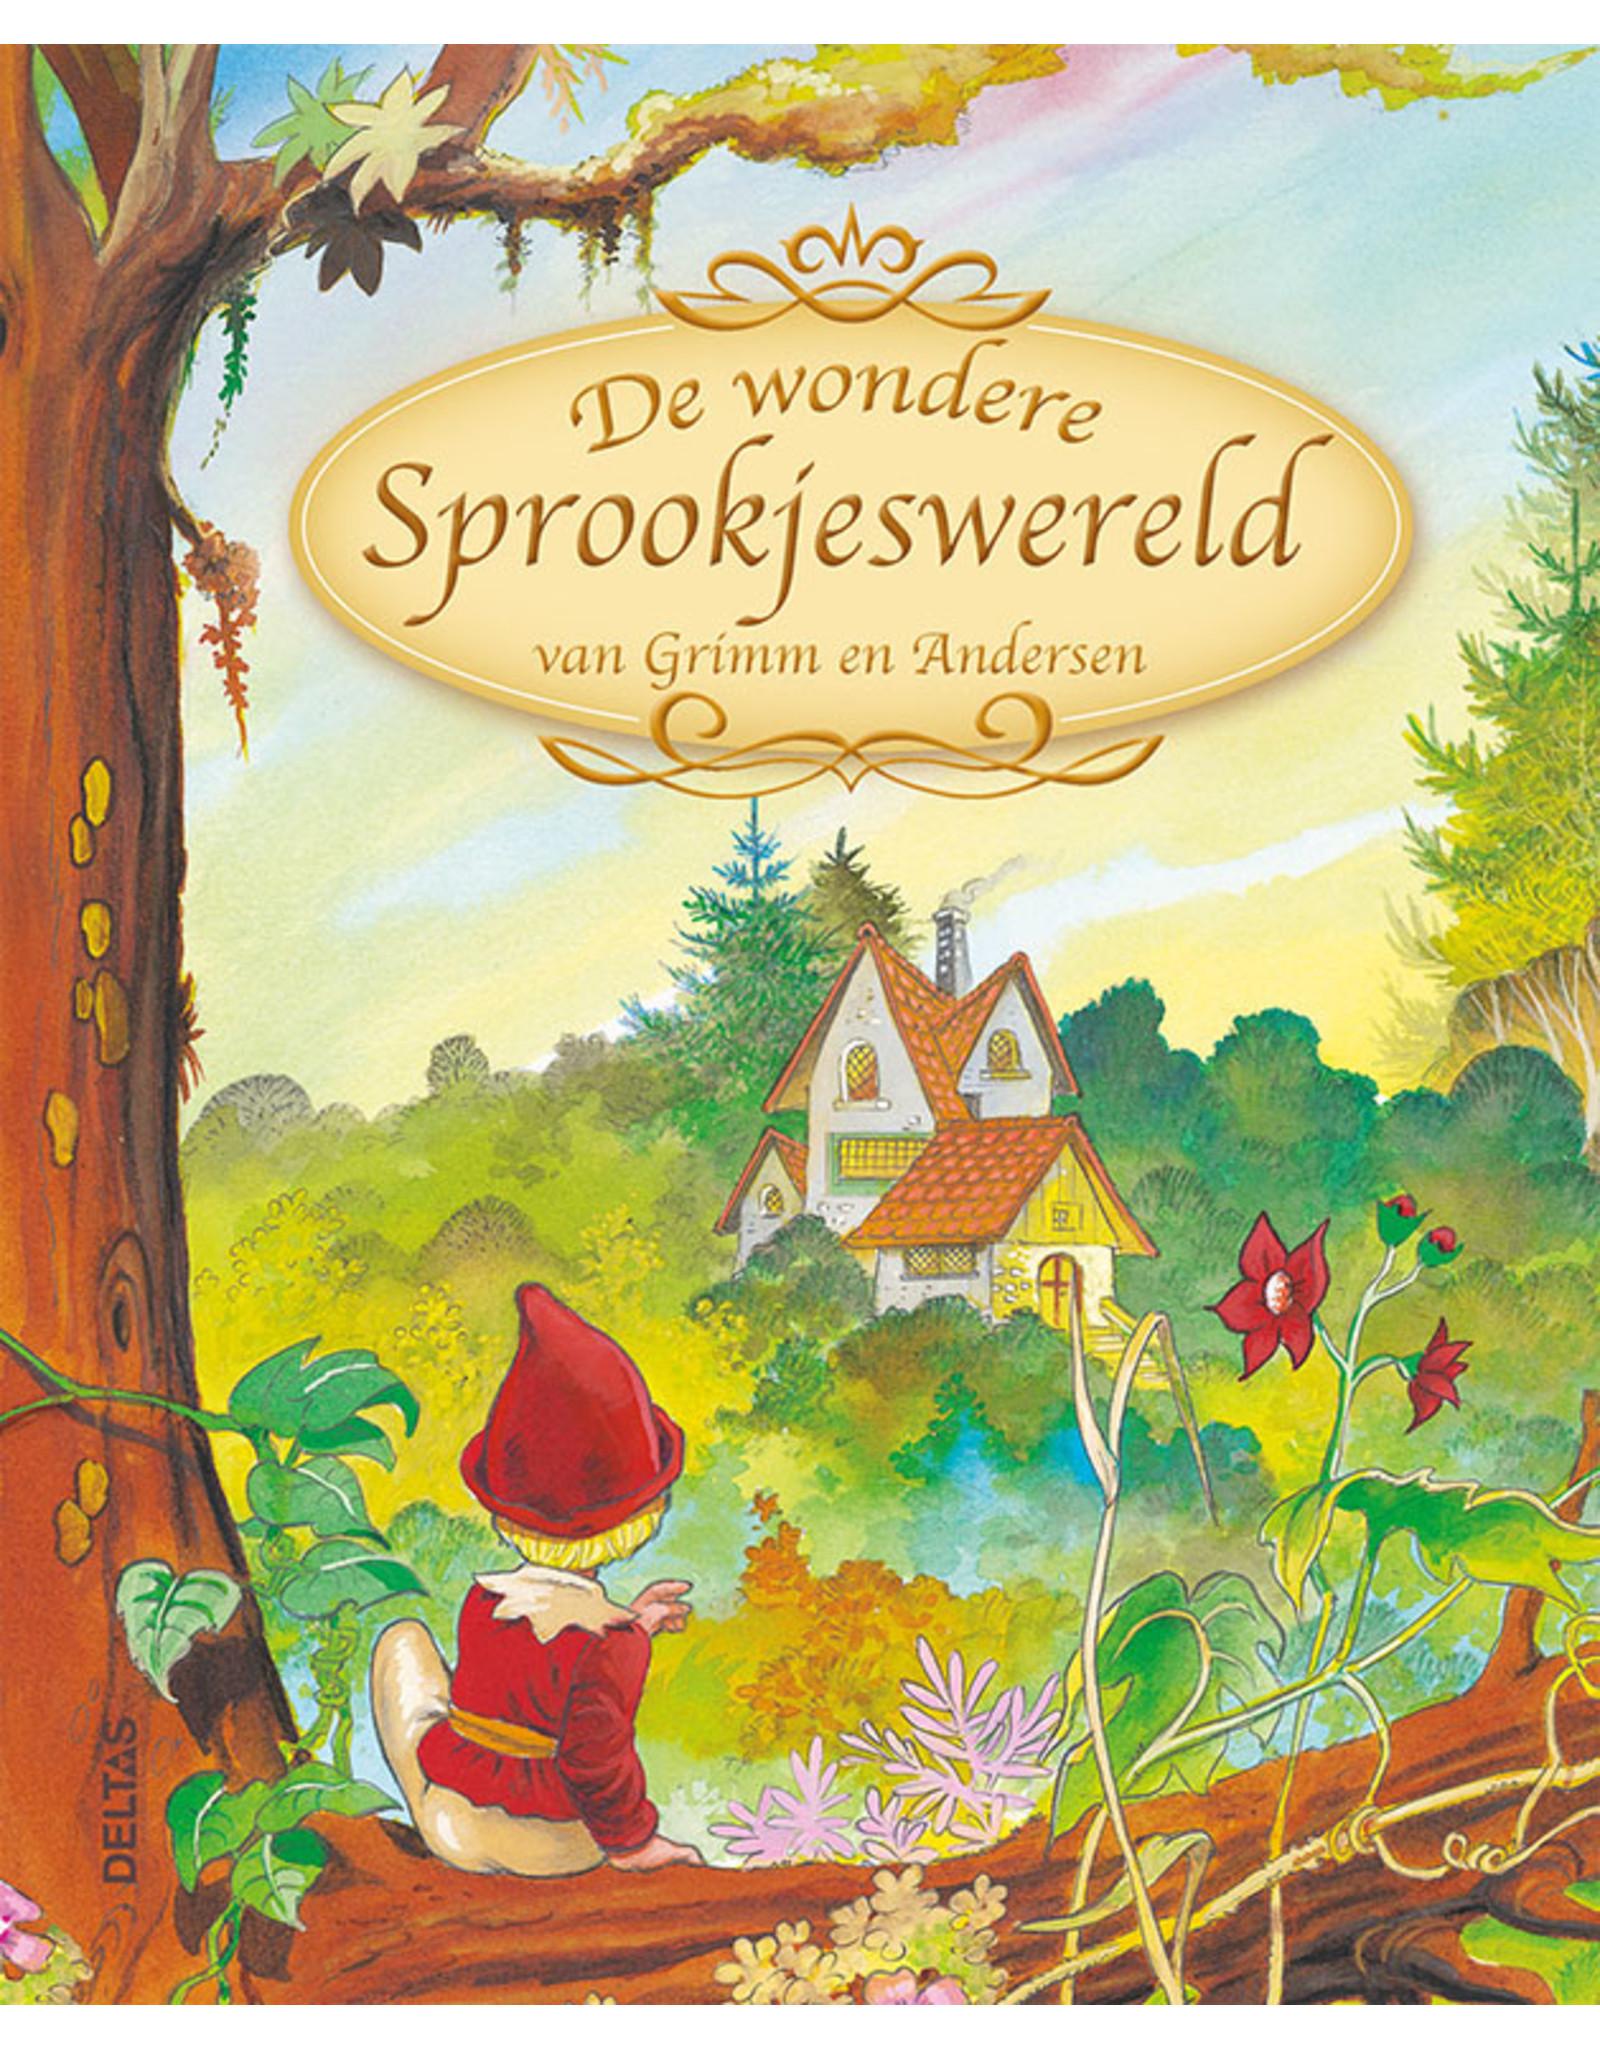 Deltas De wondere sprookjeswereld van Grimm en Andersen